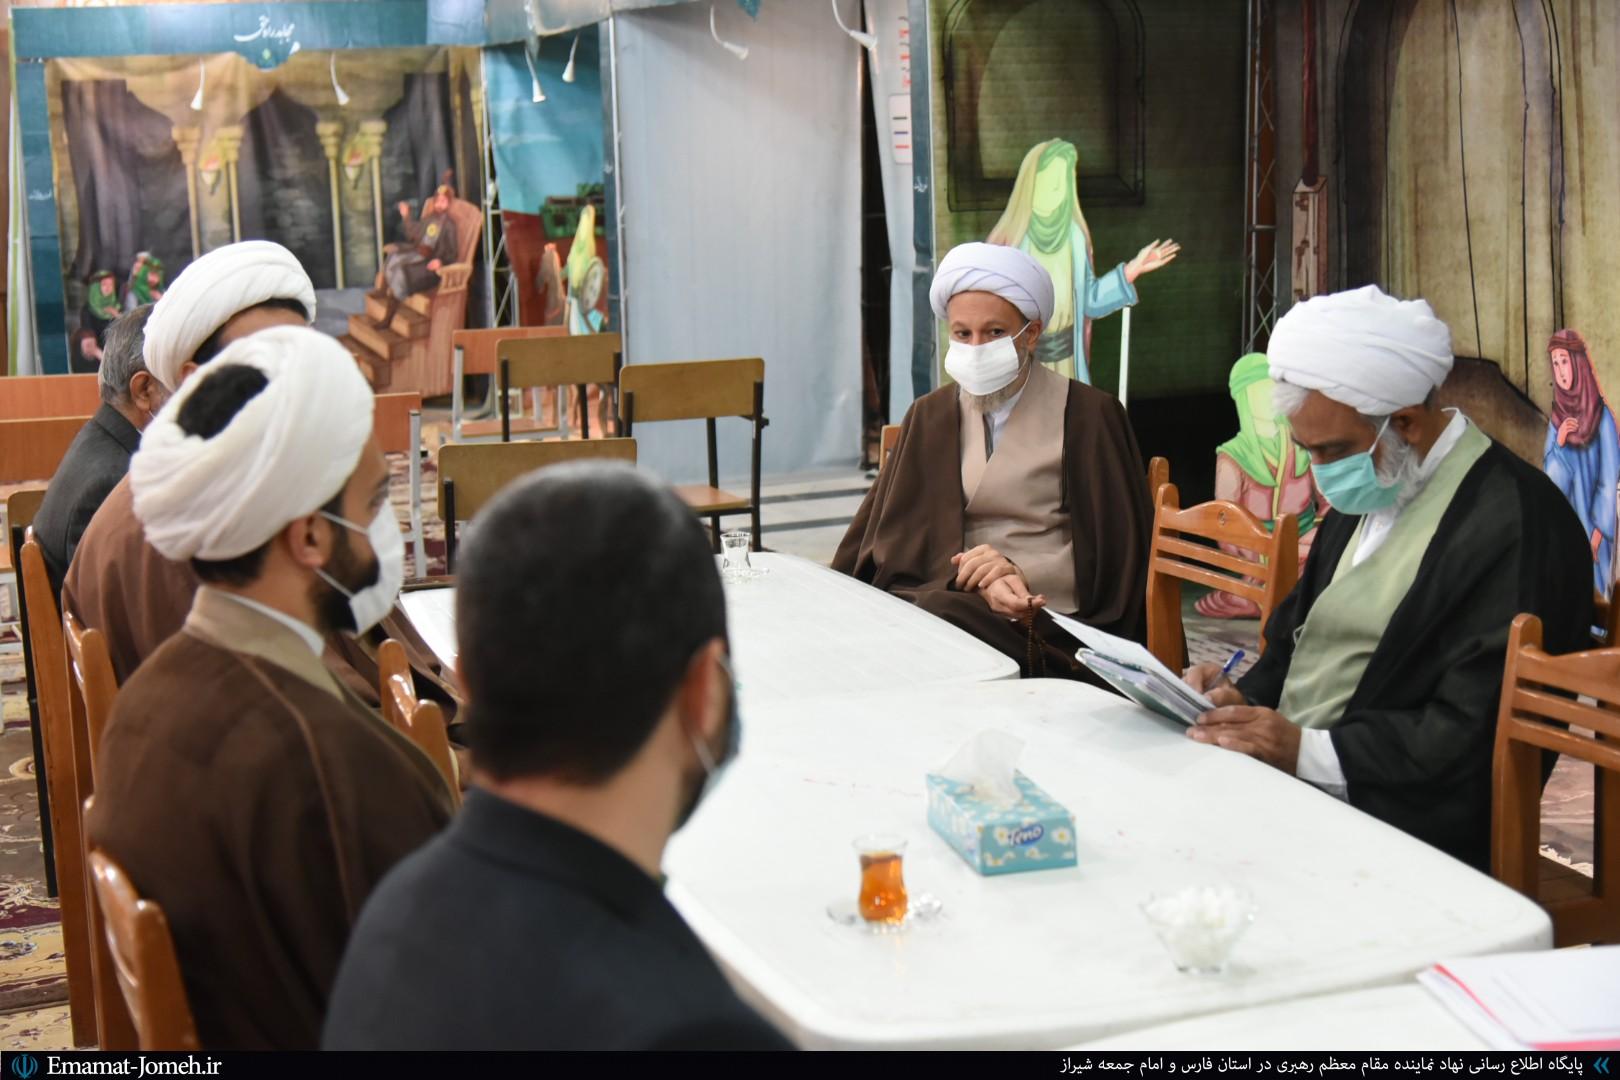 لزوم برنامهریزی جدی در استان برای خروج قرآن از مهجوریت